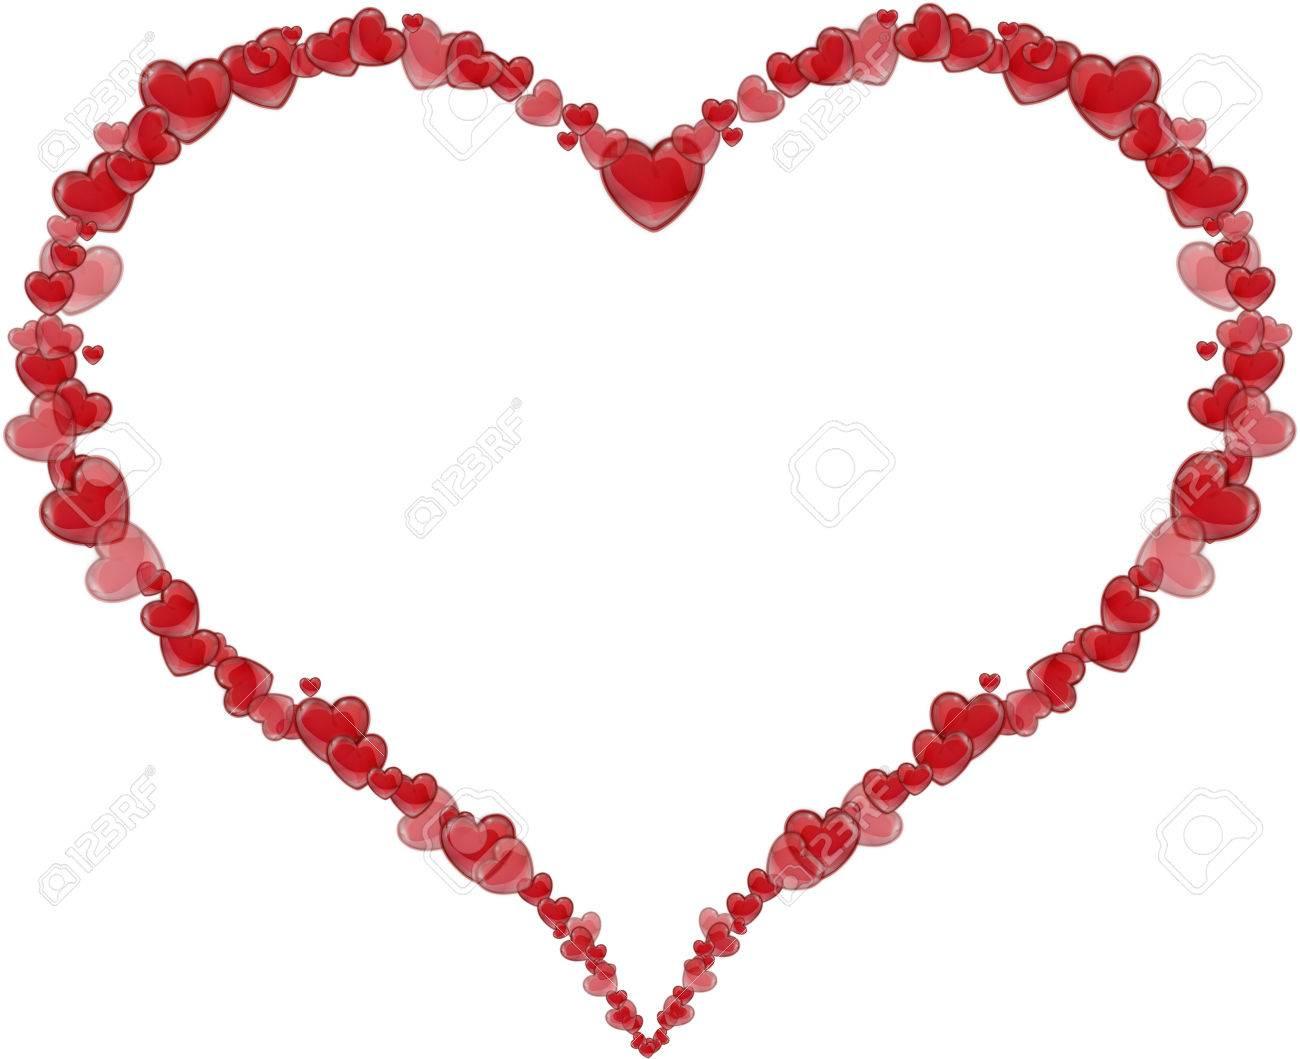 Marco Del Corazón Hecho De Corazones Para El Día De San Valentín O El Día De La Madre En Un Fondo Blanco